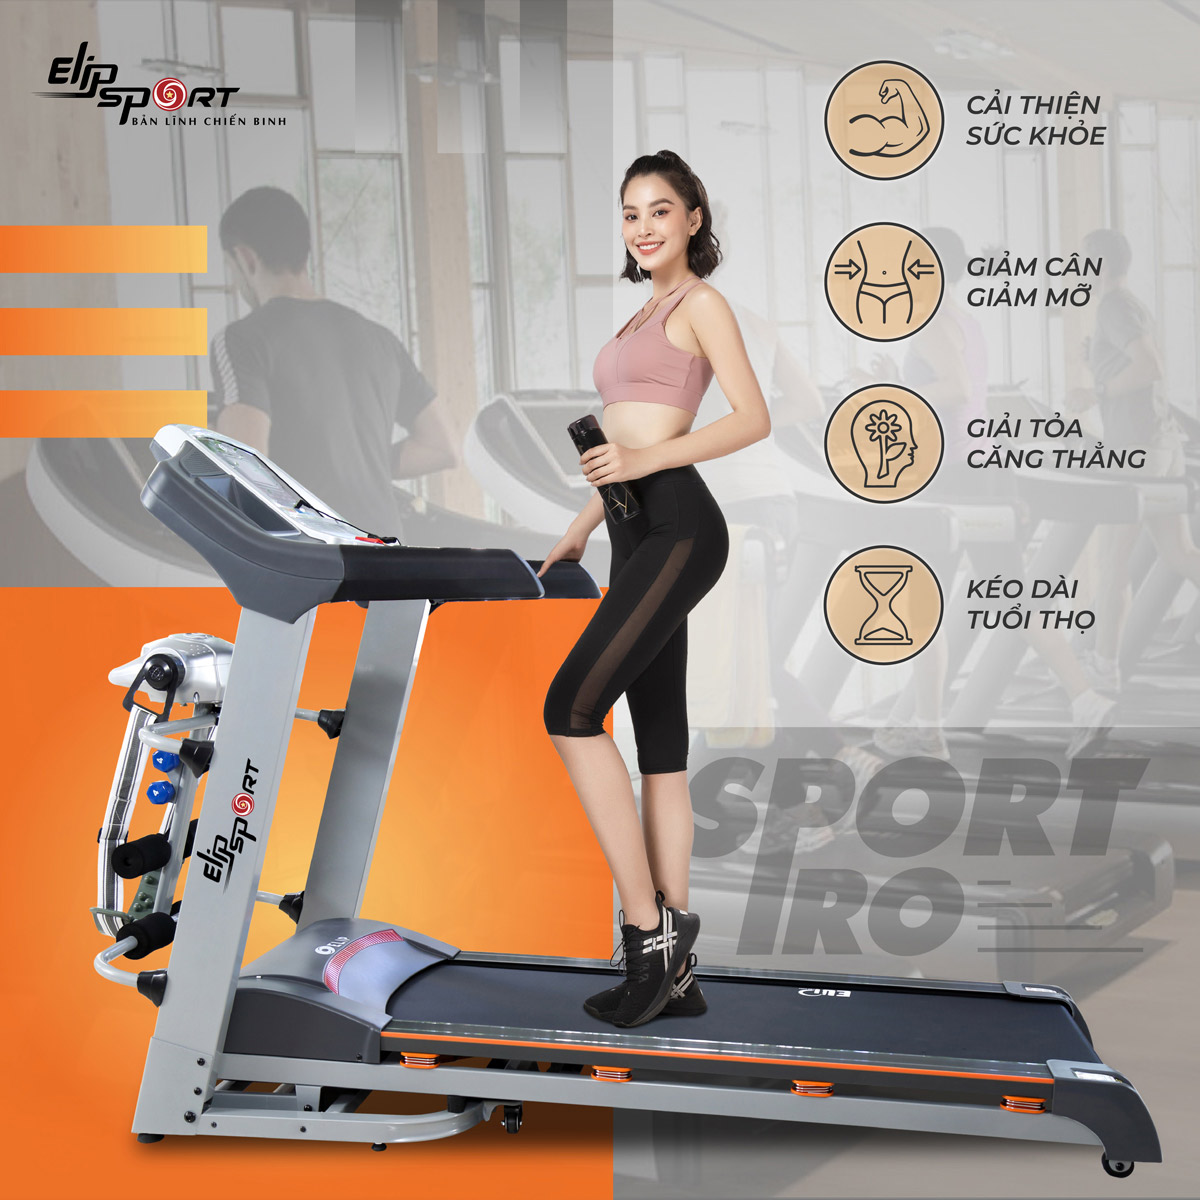 Máy chạy bộ điện đa năng ELIP Sport Pro